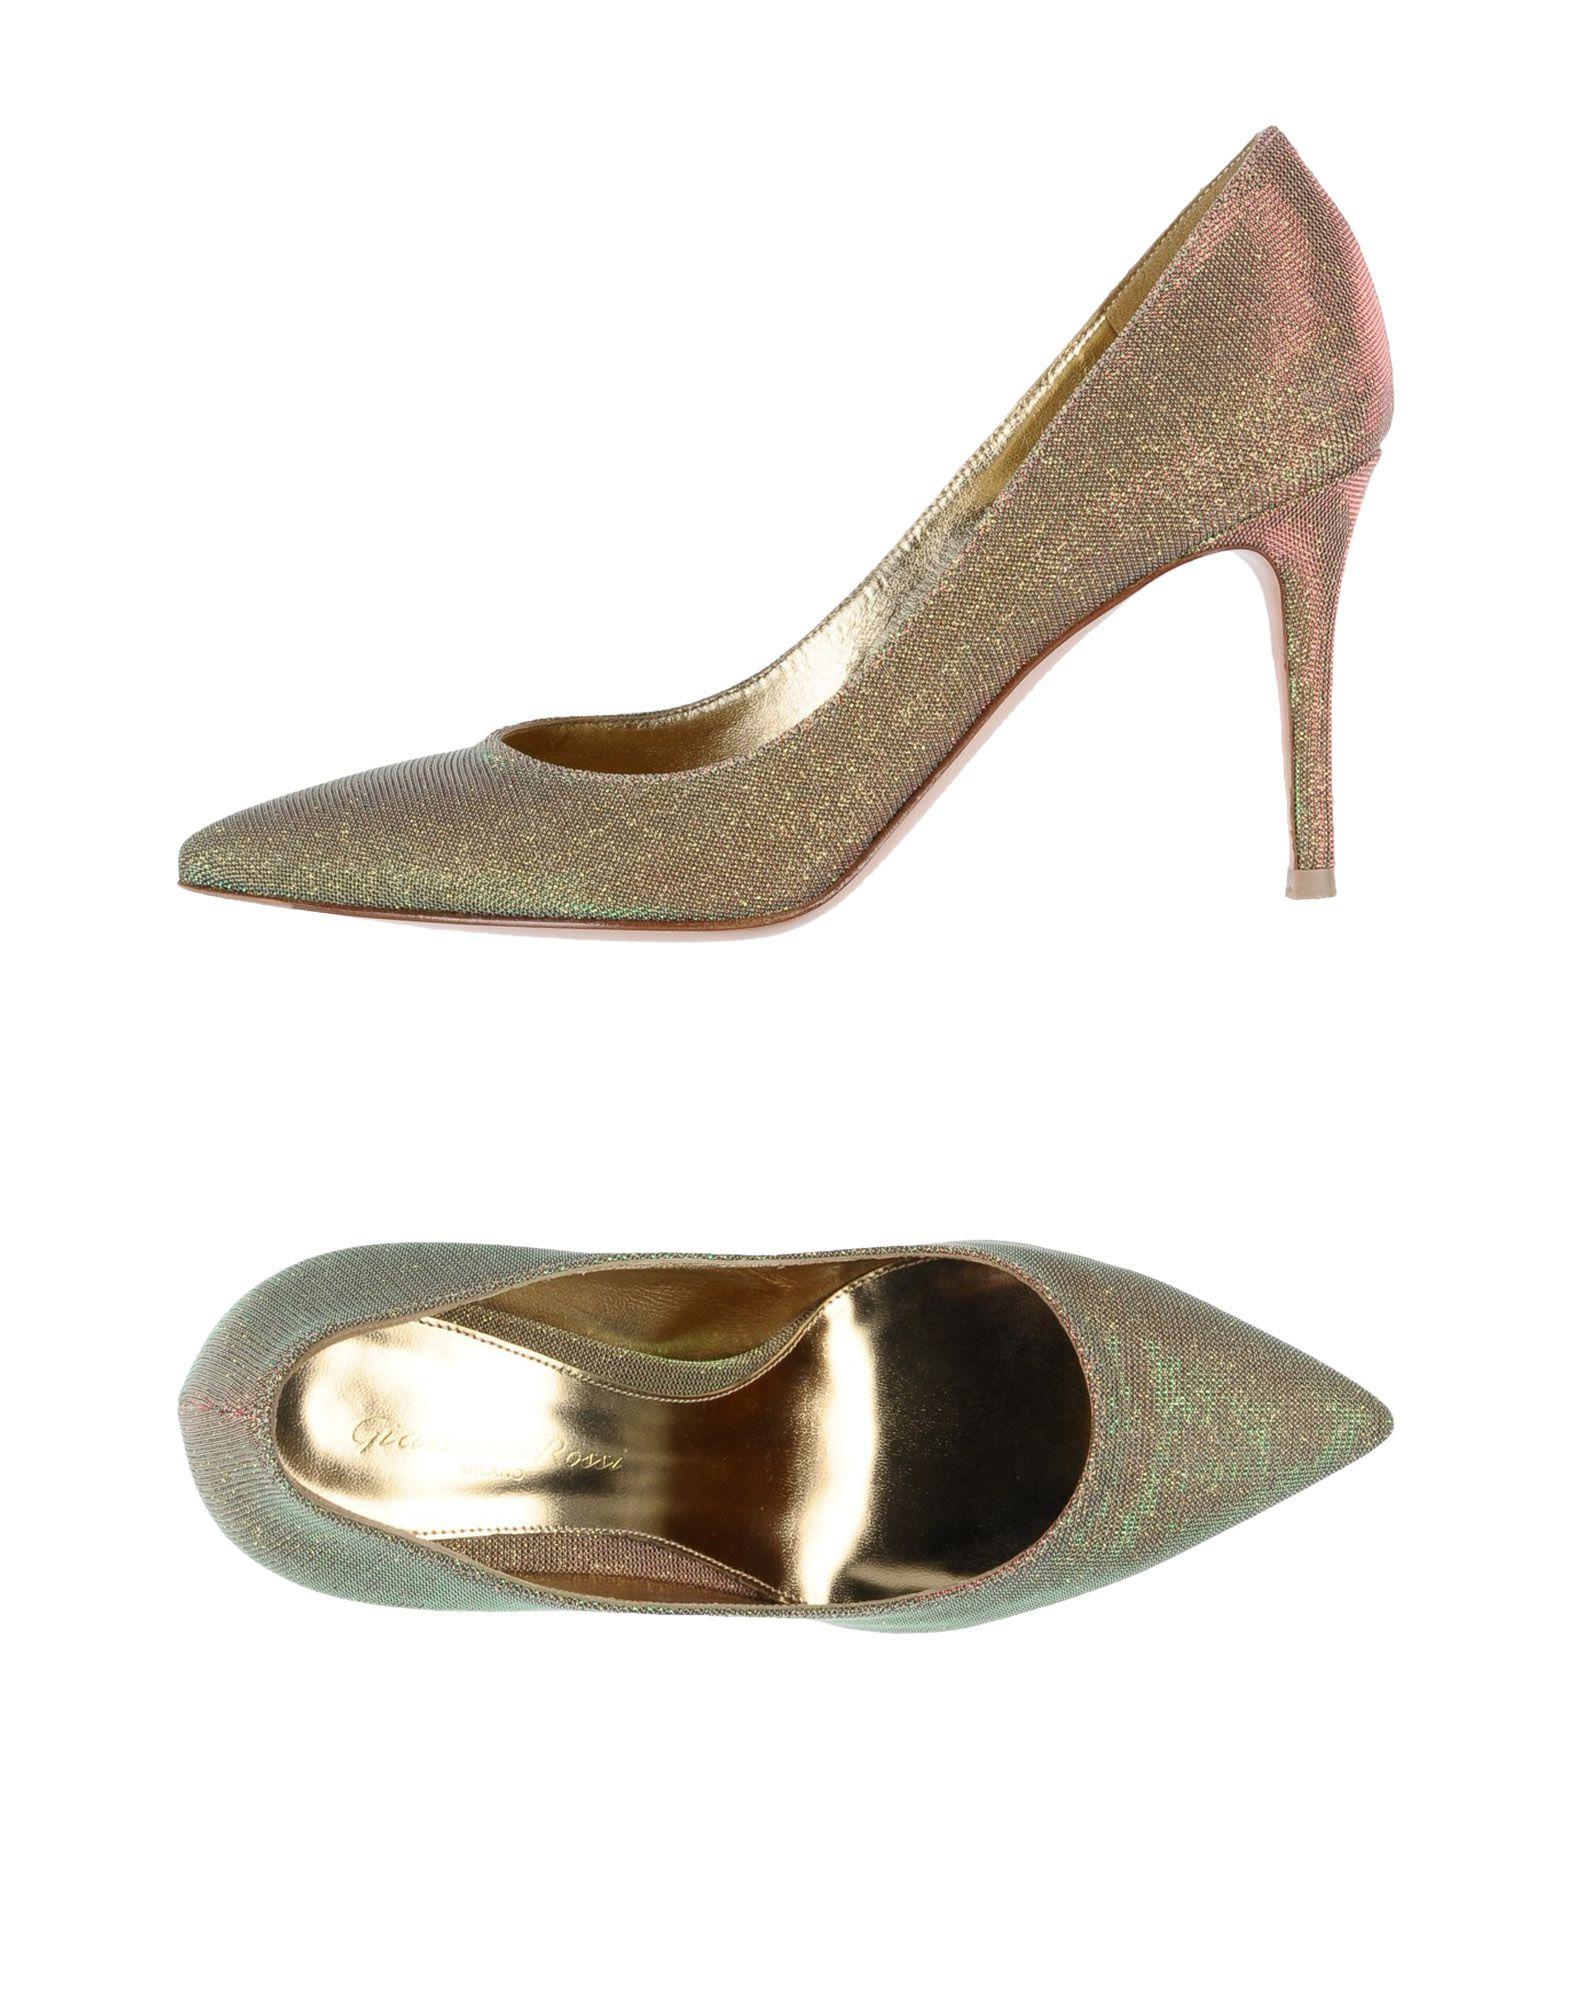 Rabatt Schuhe Gianvito Rossi Pumps Damen  11503742JV 11503742JV 11503742JV 79b2bd